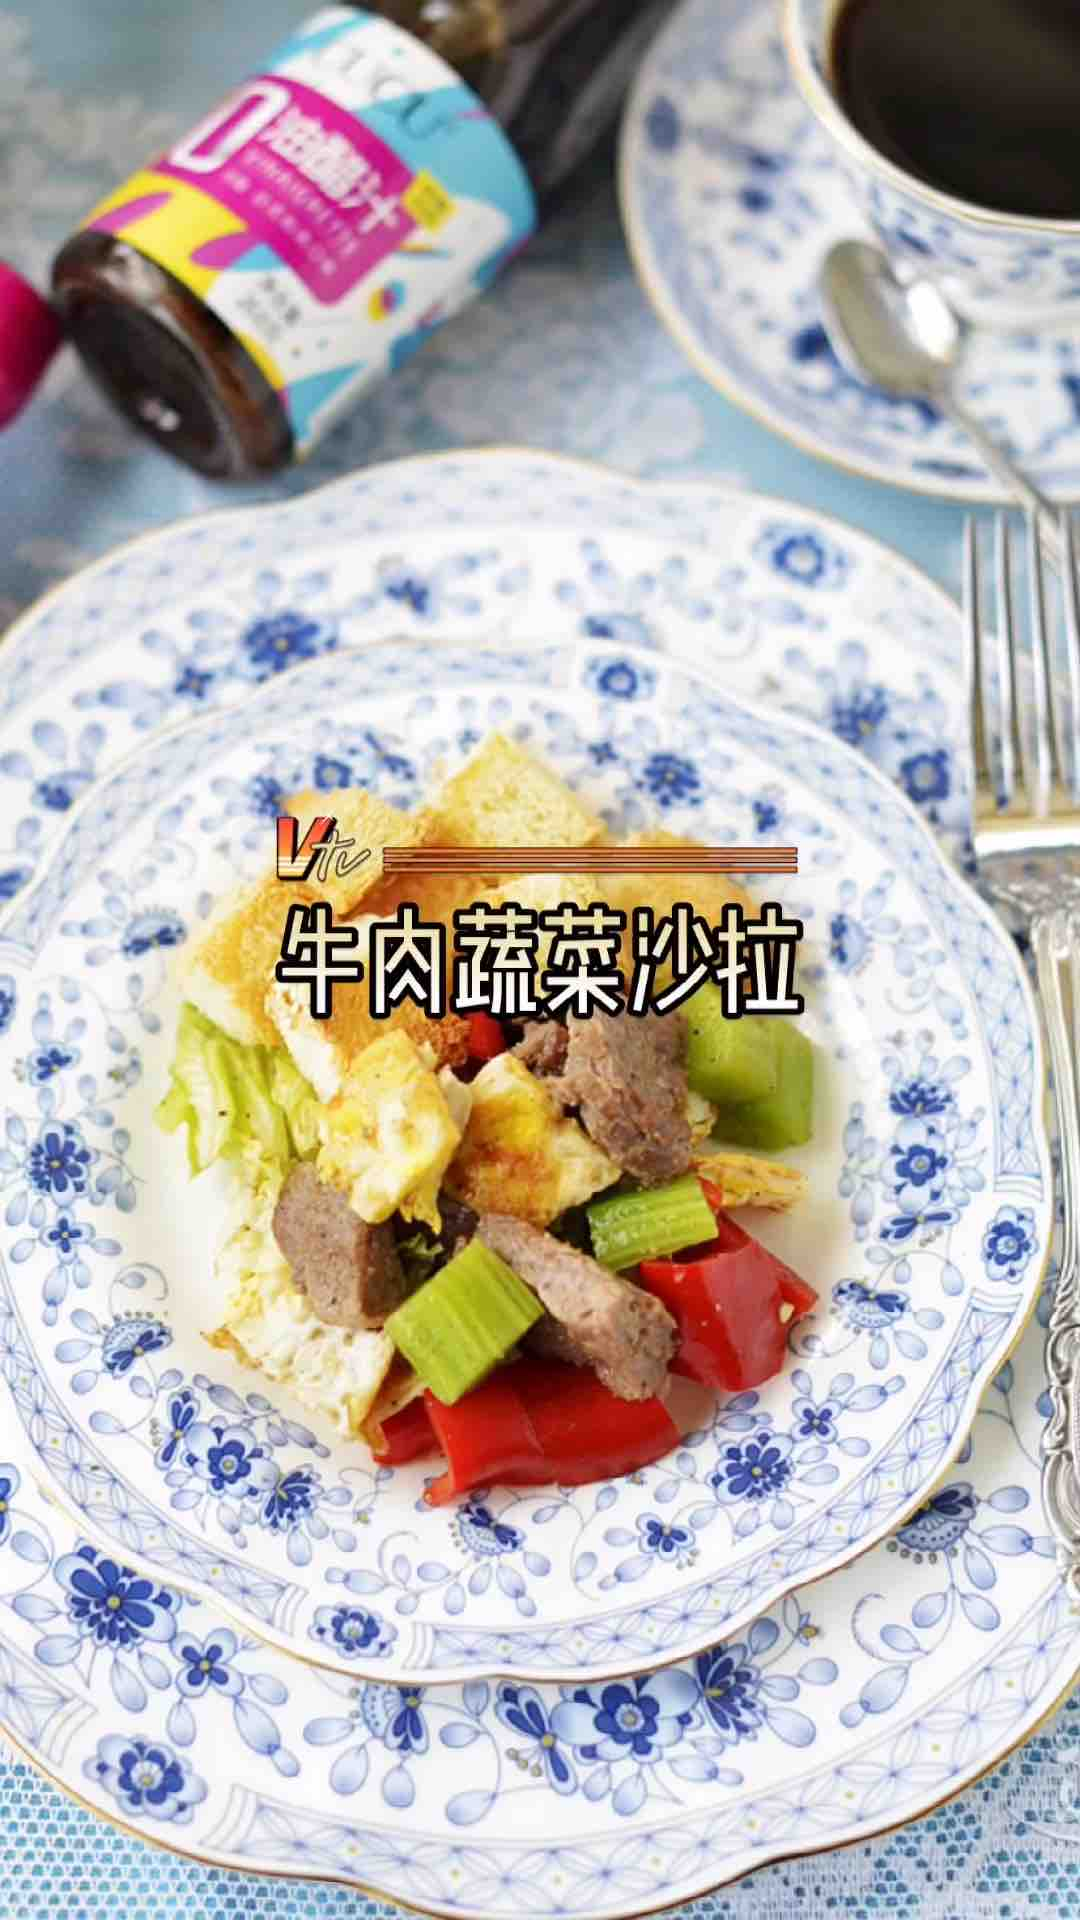 牛肉蔬菜沙拉的做法